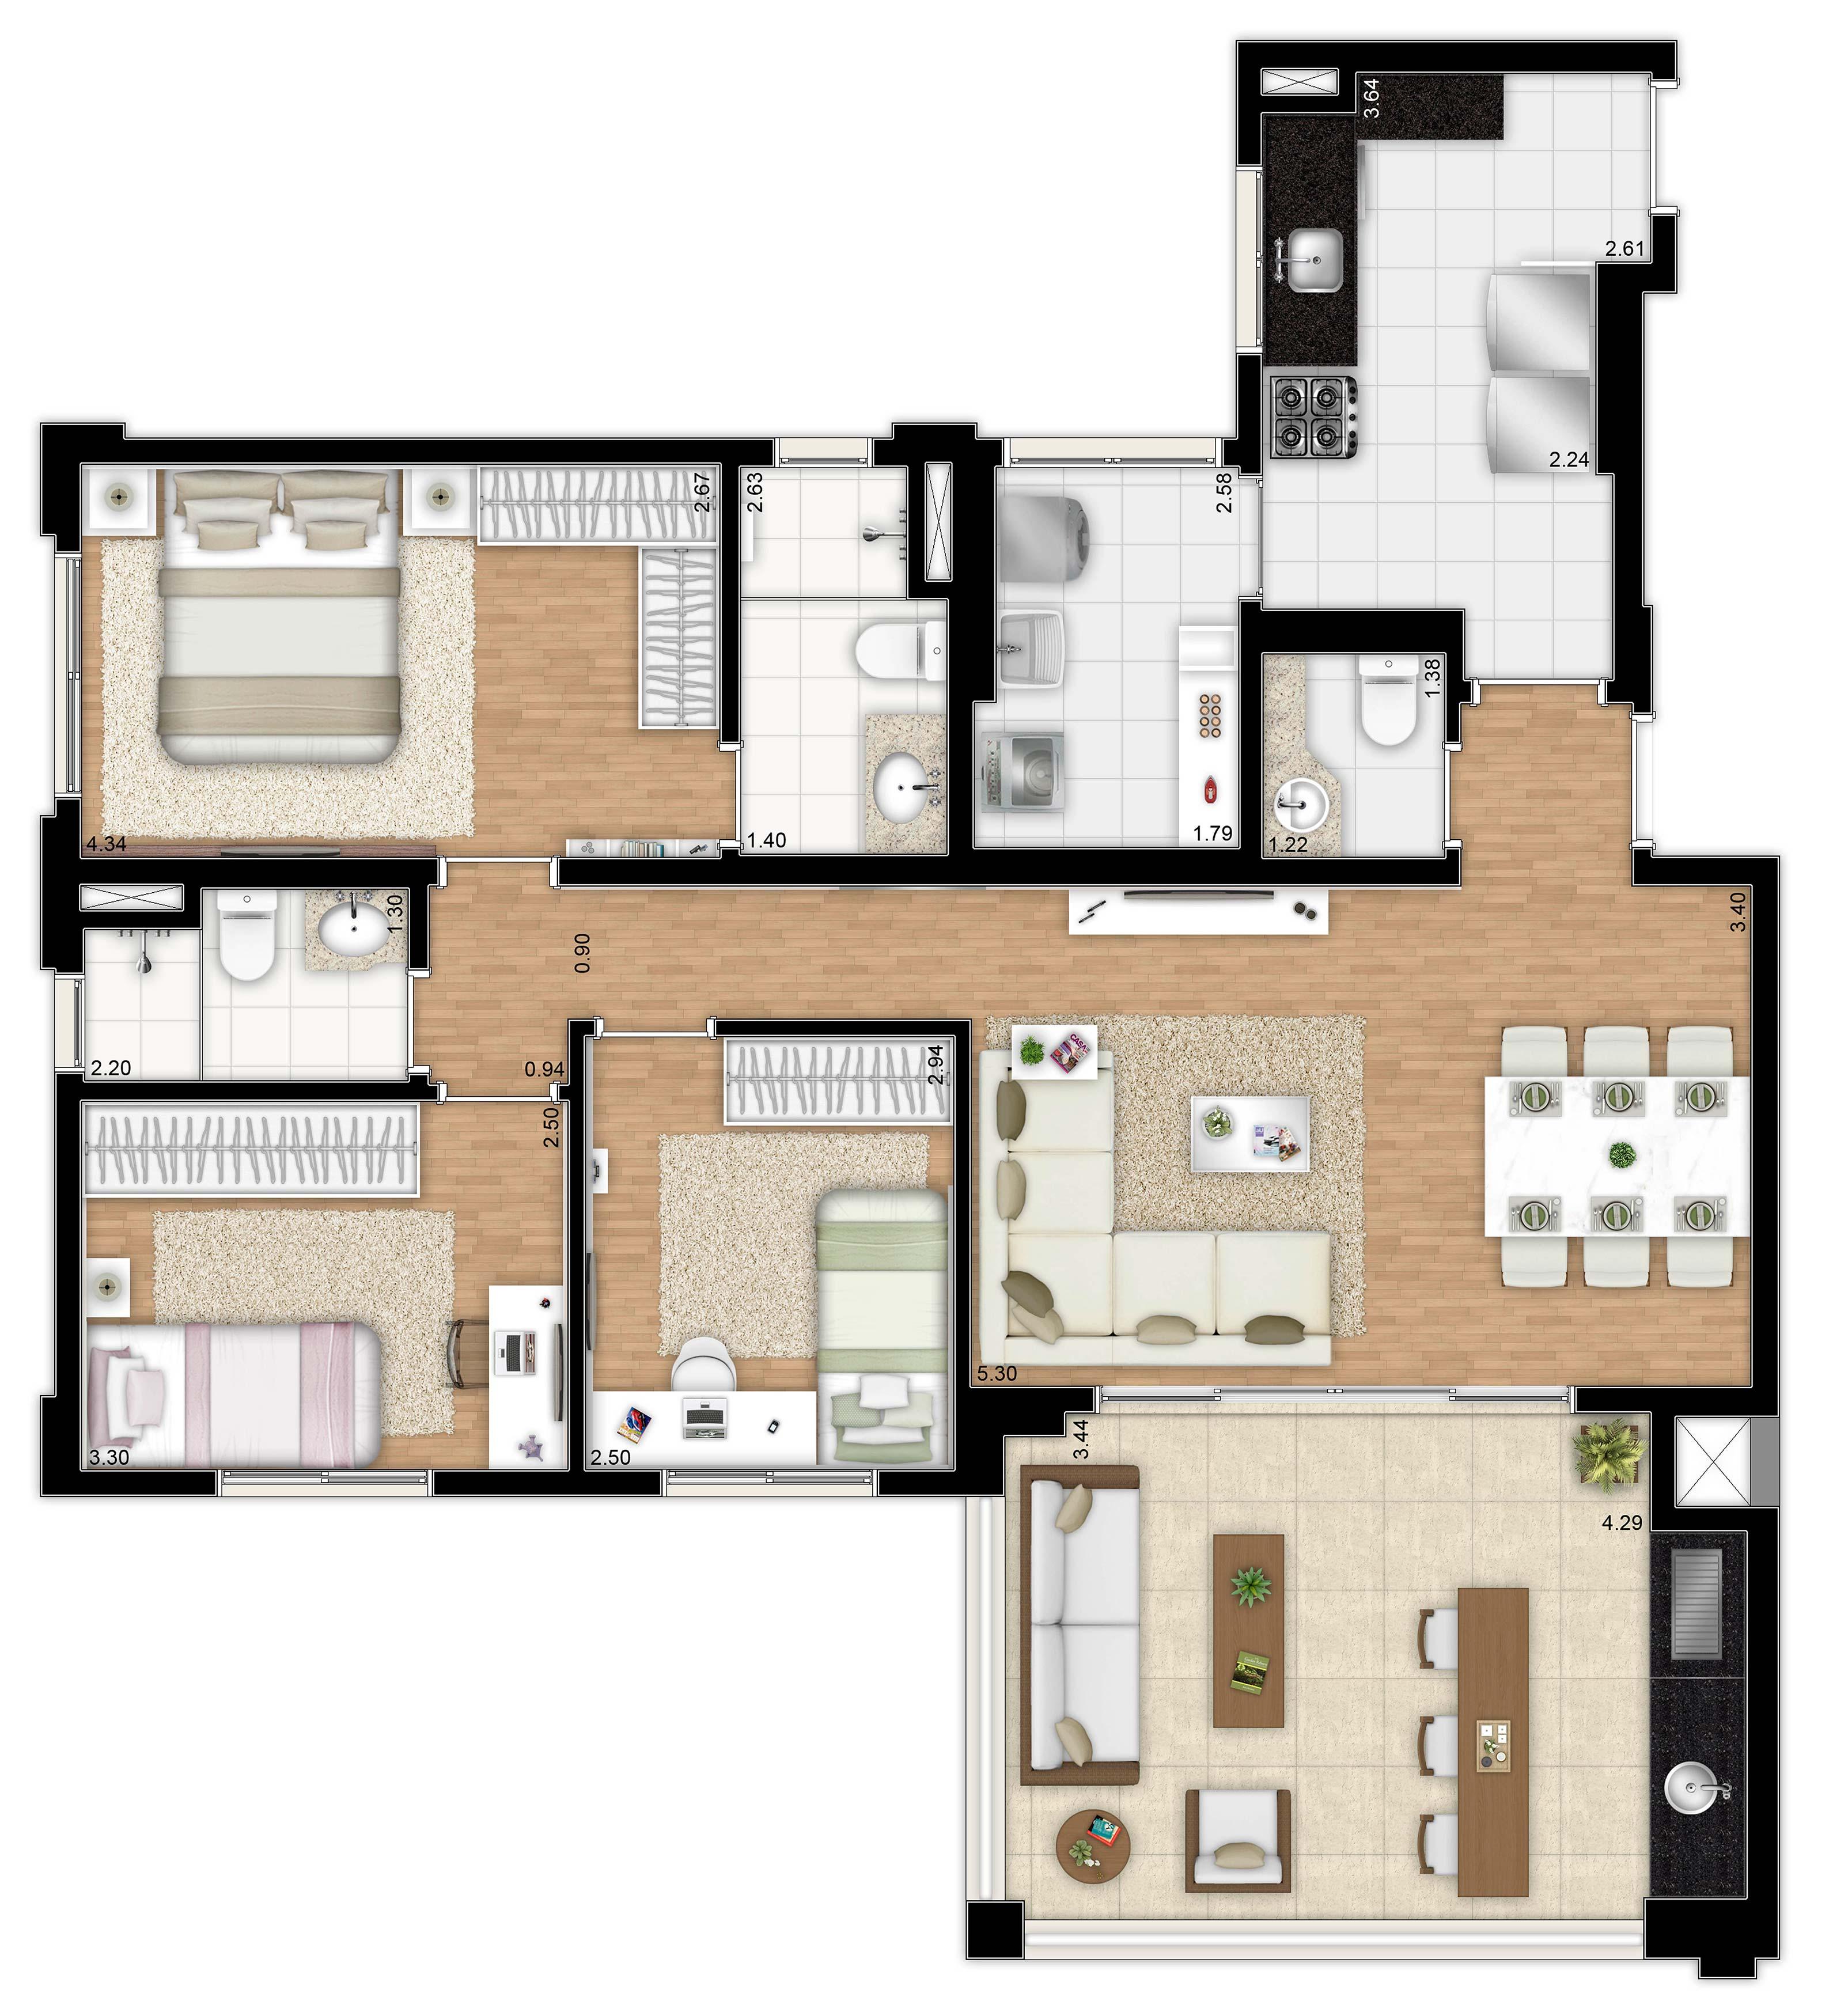 109 m² - 3 dorms - apto tipo